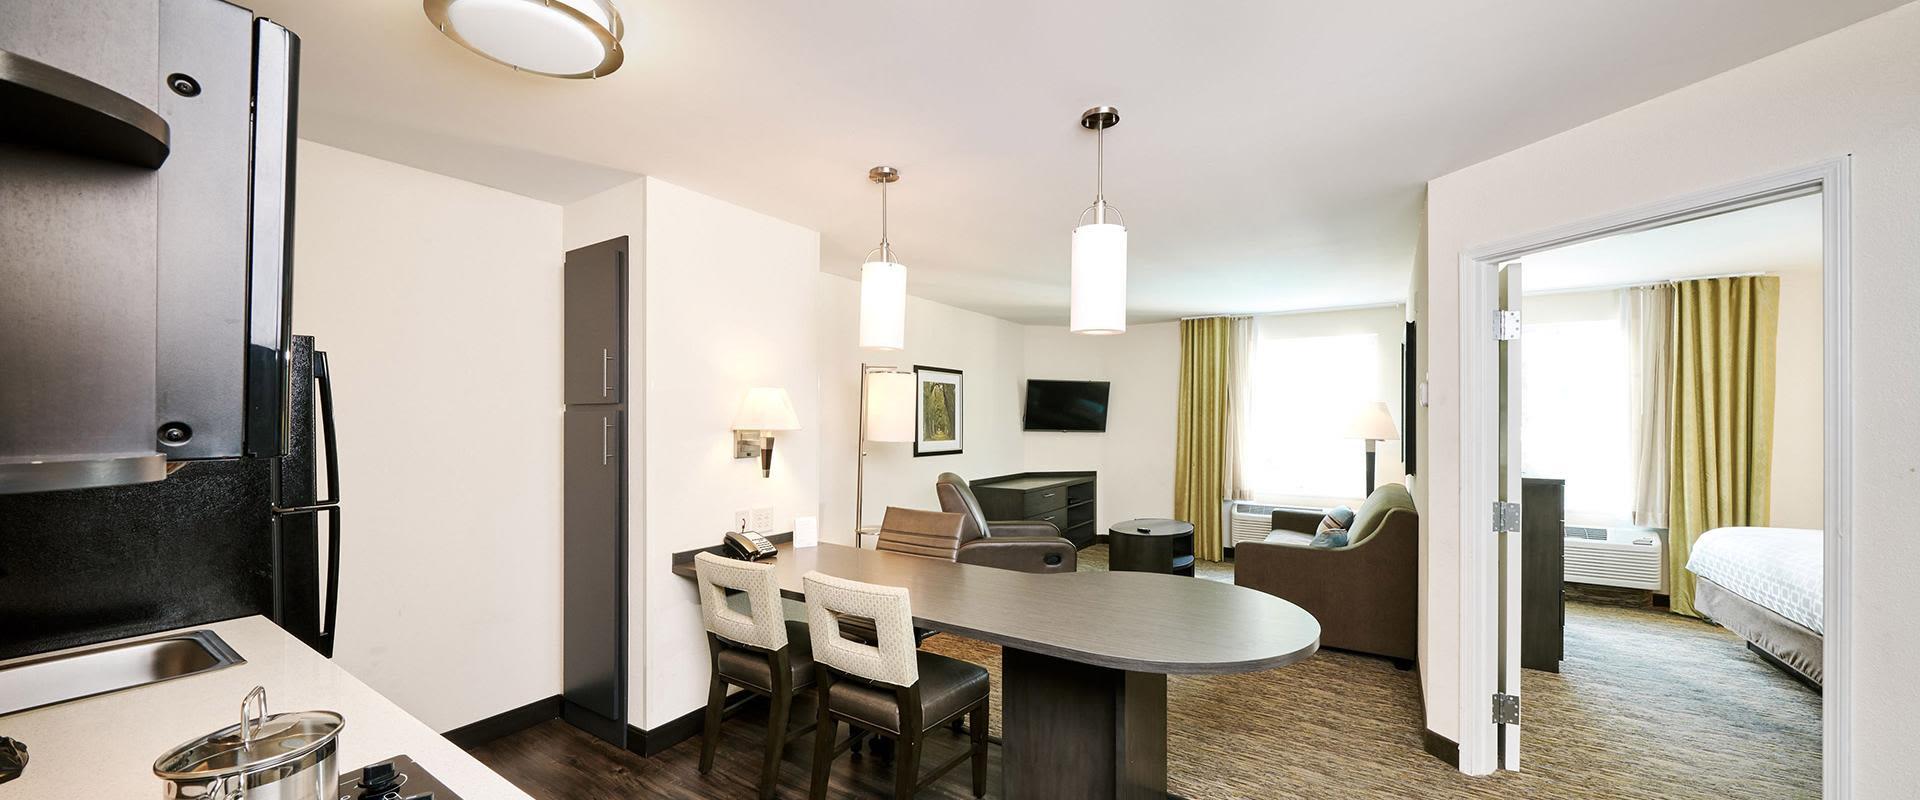 One Bedroom Queen Suite - Kitchen